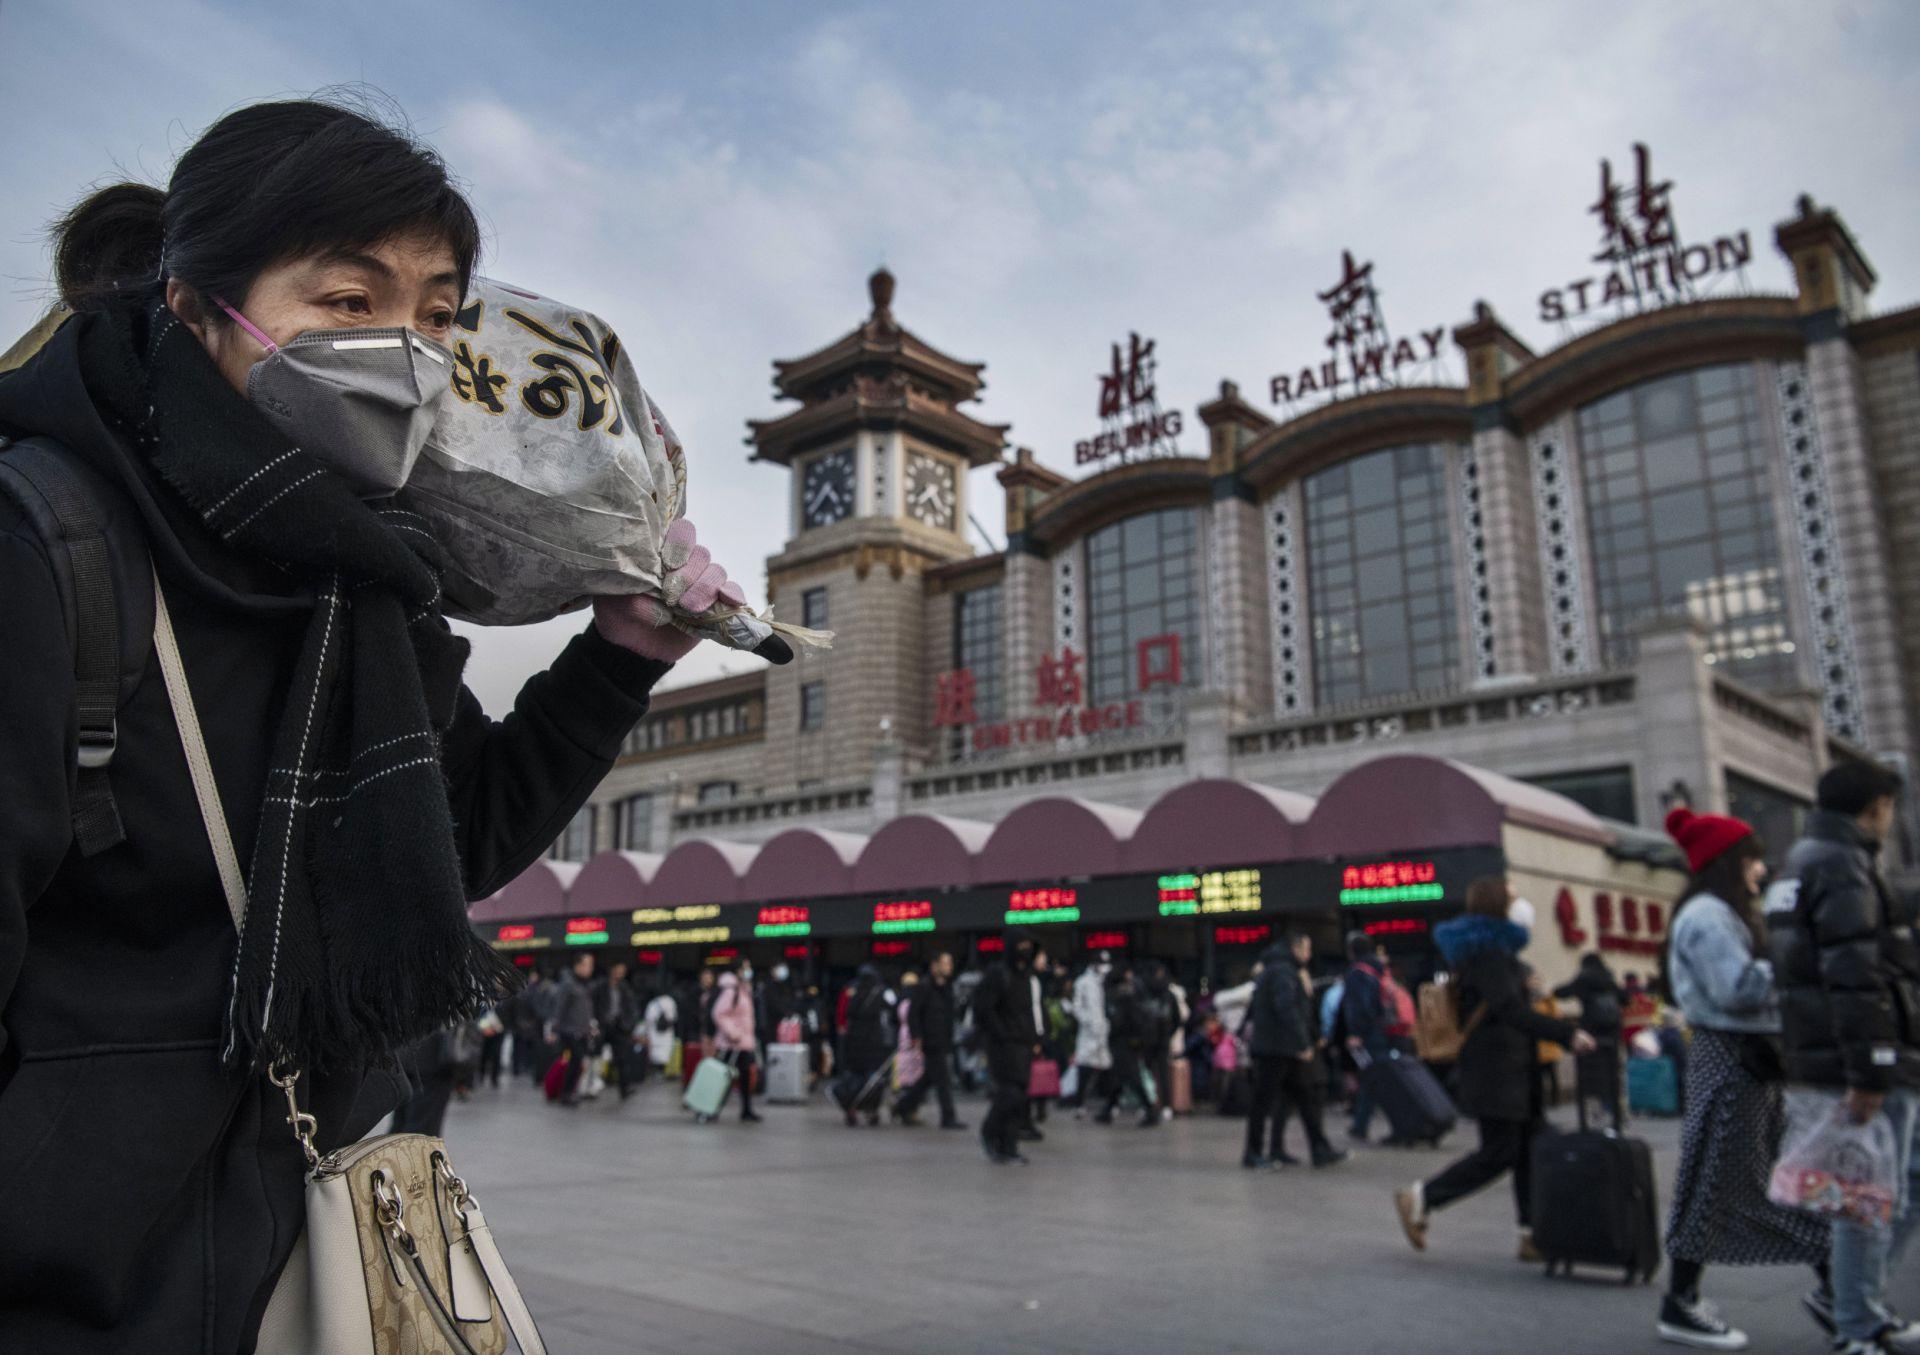 Phát hiện điểm lạ lùng ở 'ổ dịch' Covid-19 mới xuất hiện ở Trung Quốc 1